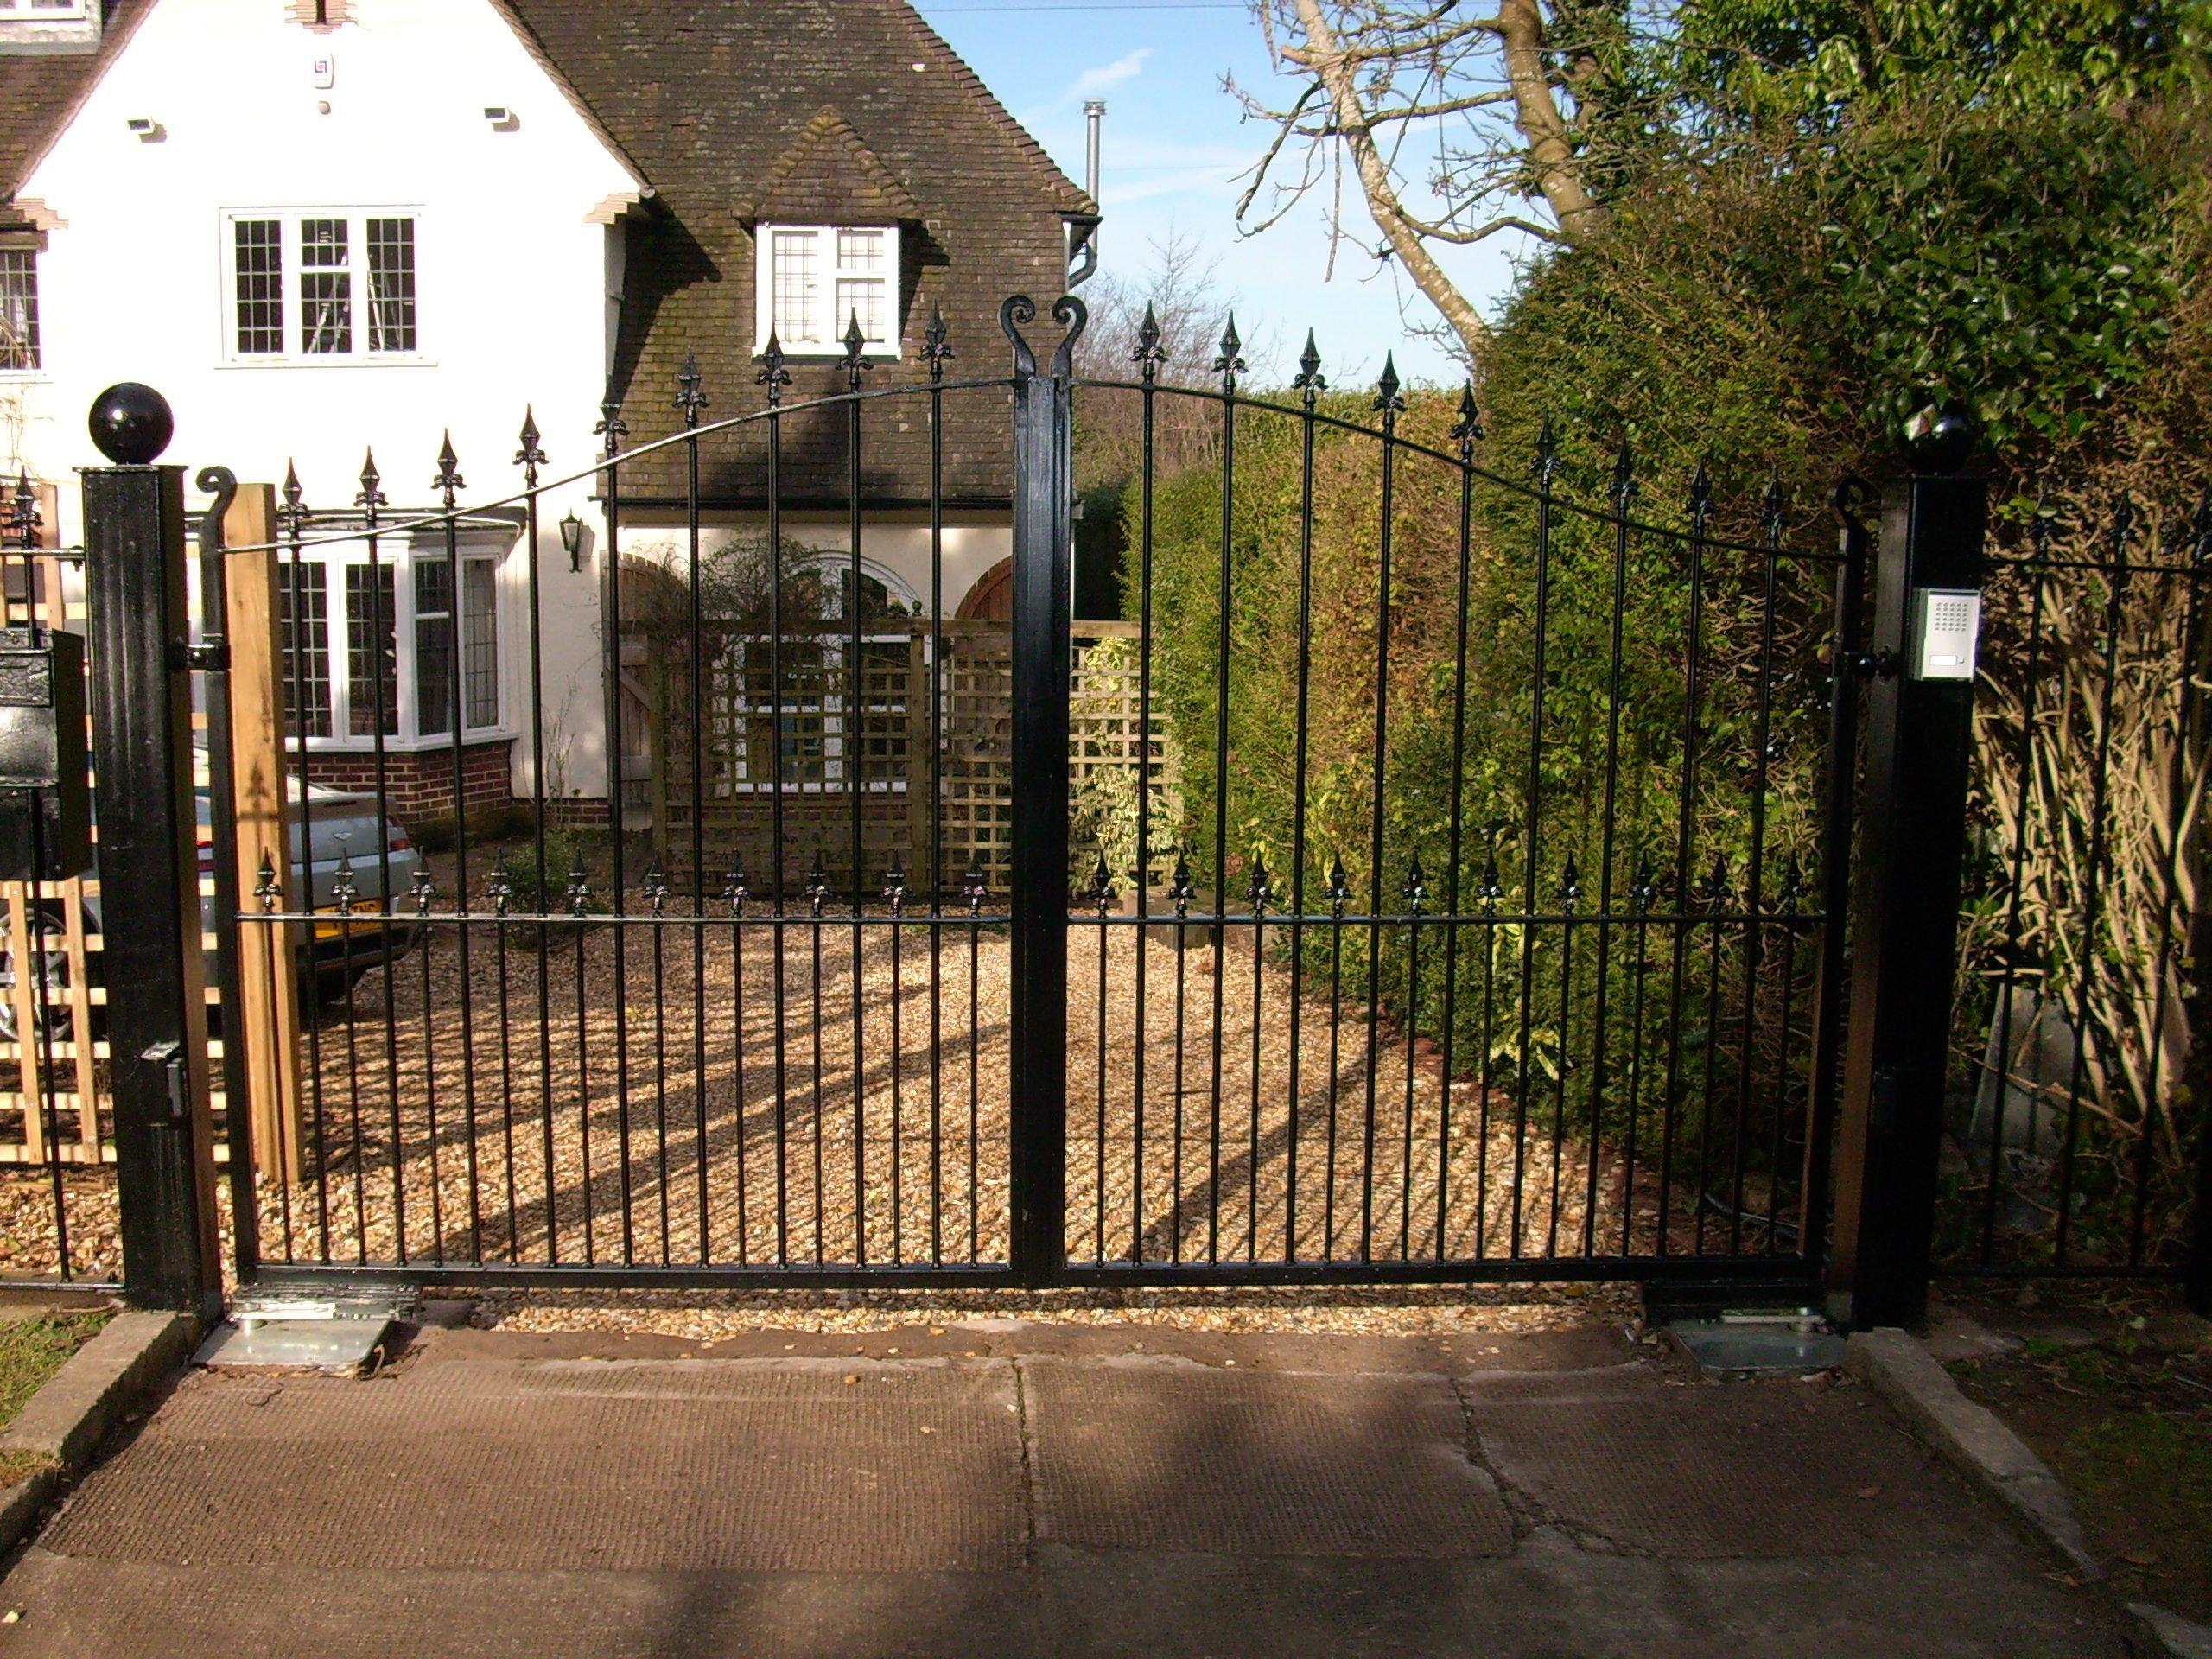 Quality metal gate